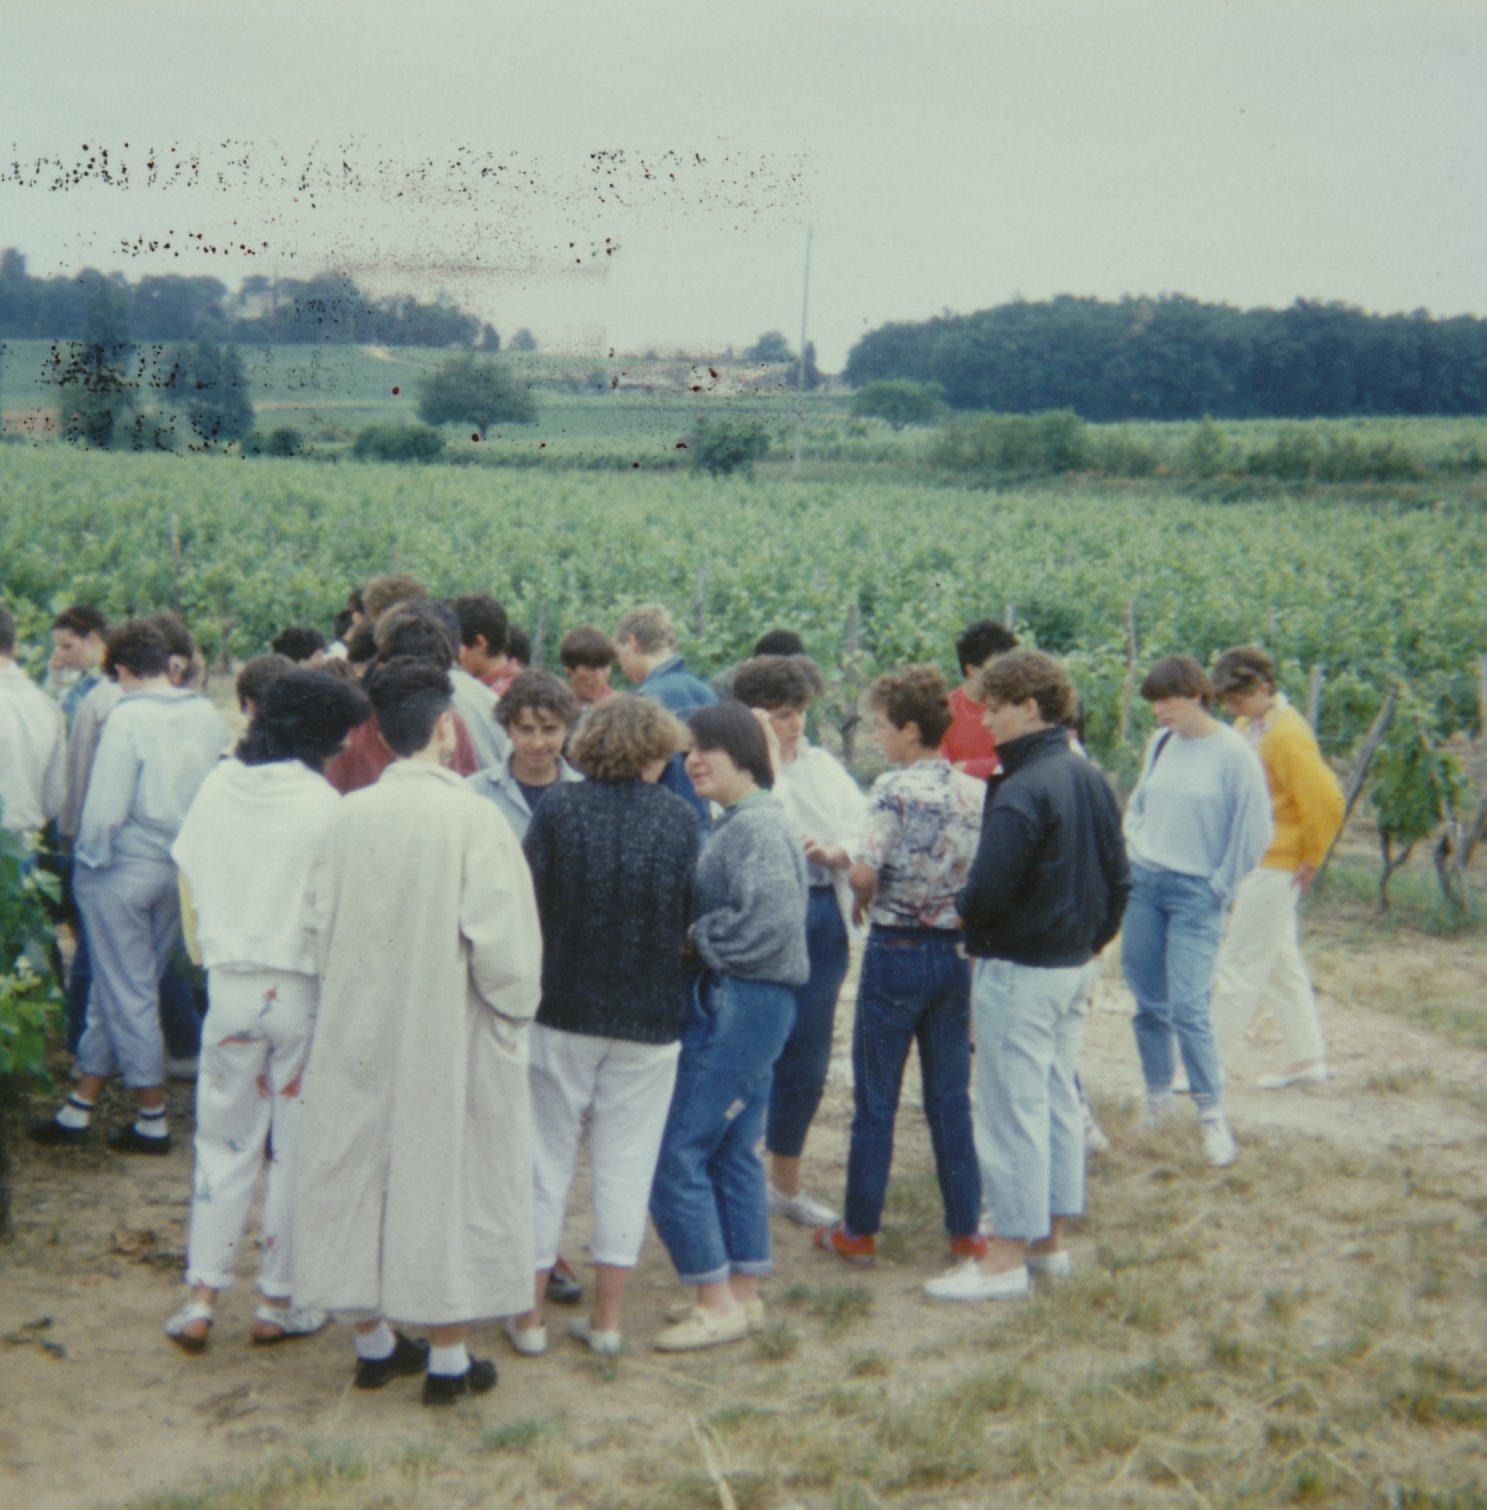 Archives anciens élèves mfr puy-sec 1986 (16)